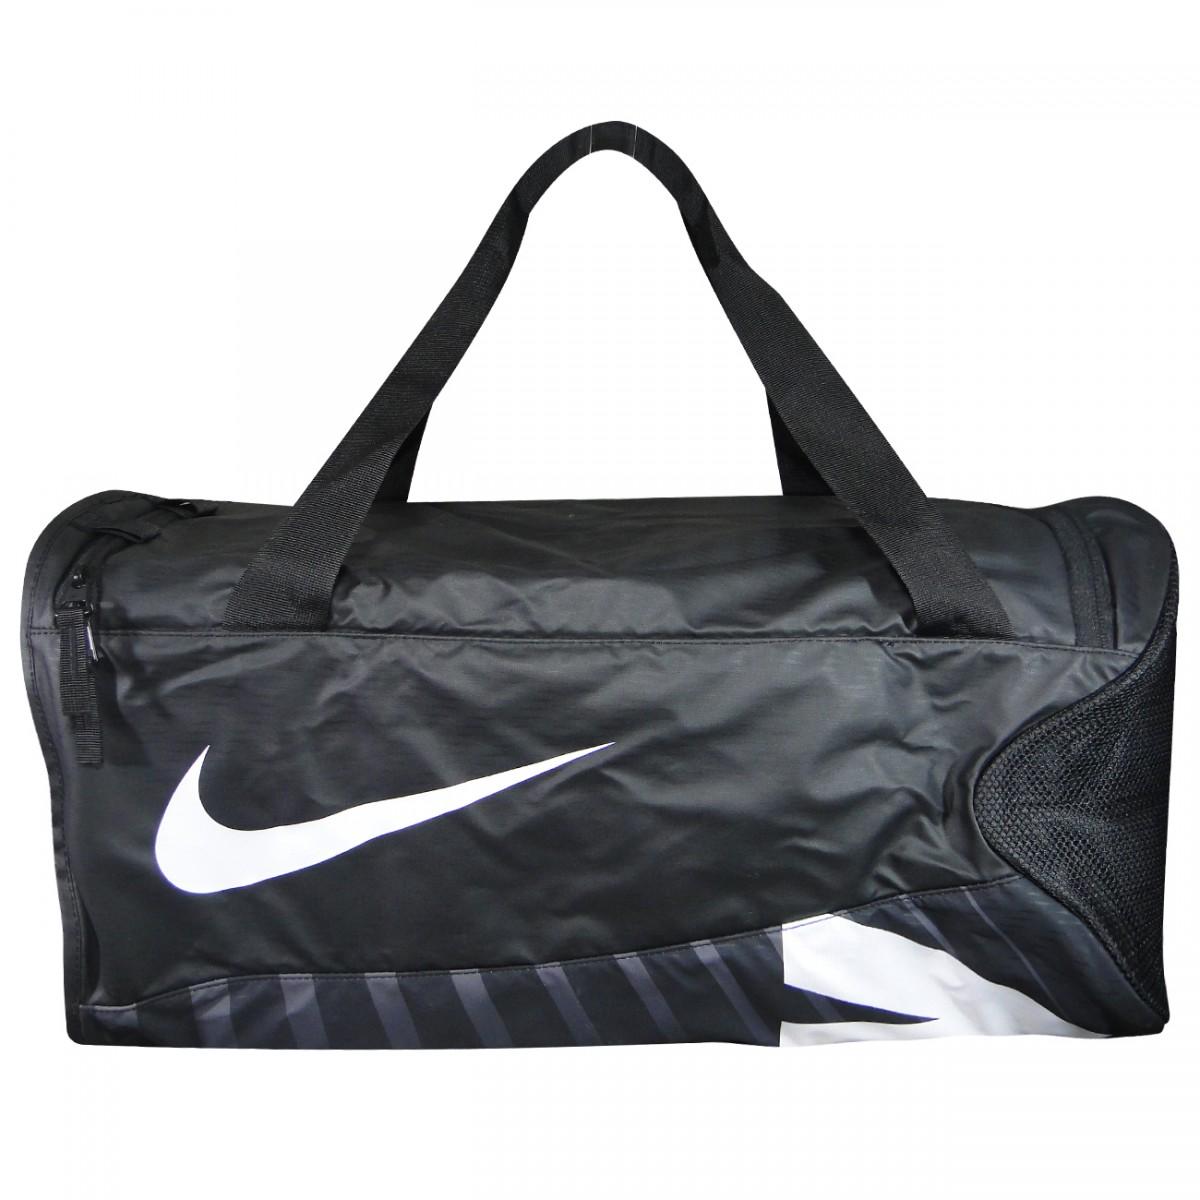 e51f73872 Bolsa Nike BA5182 BA5182 010 - Preto/Branco - Chuteira Nike, Adidas.  Sandalias Femininas. Sandy Calçados